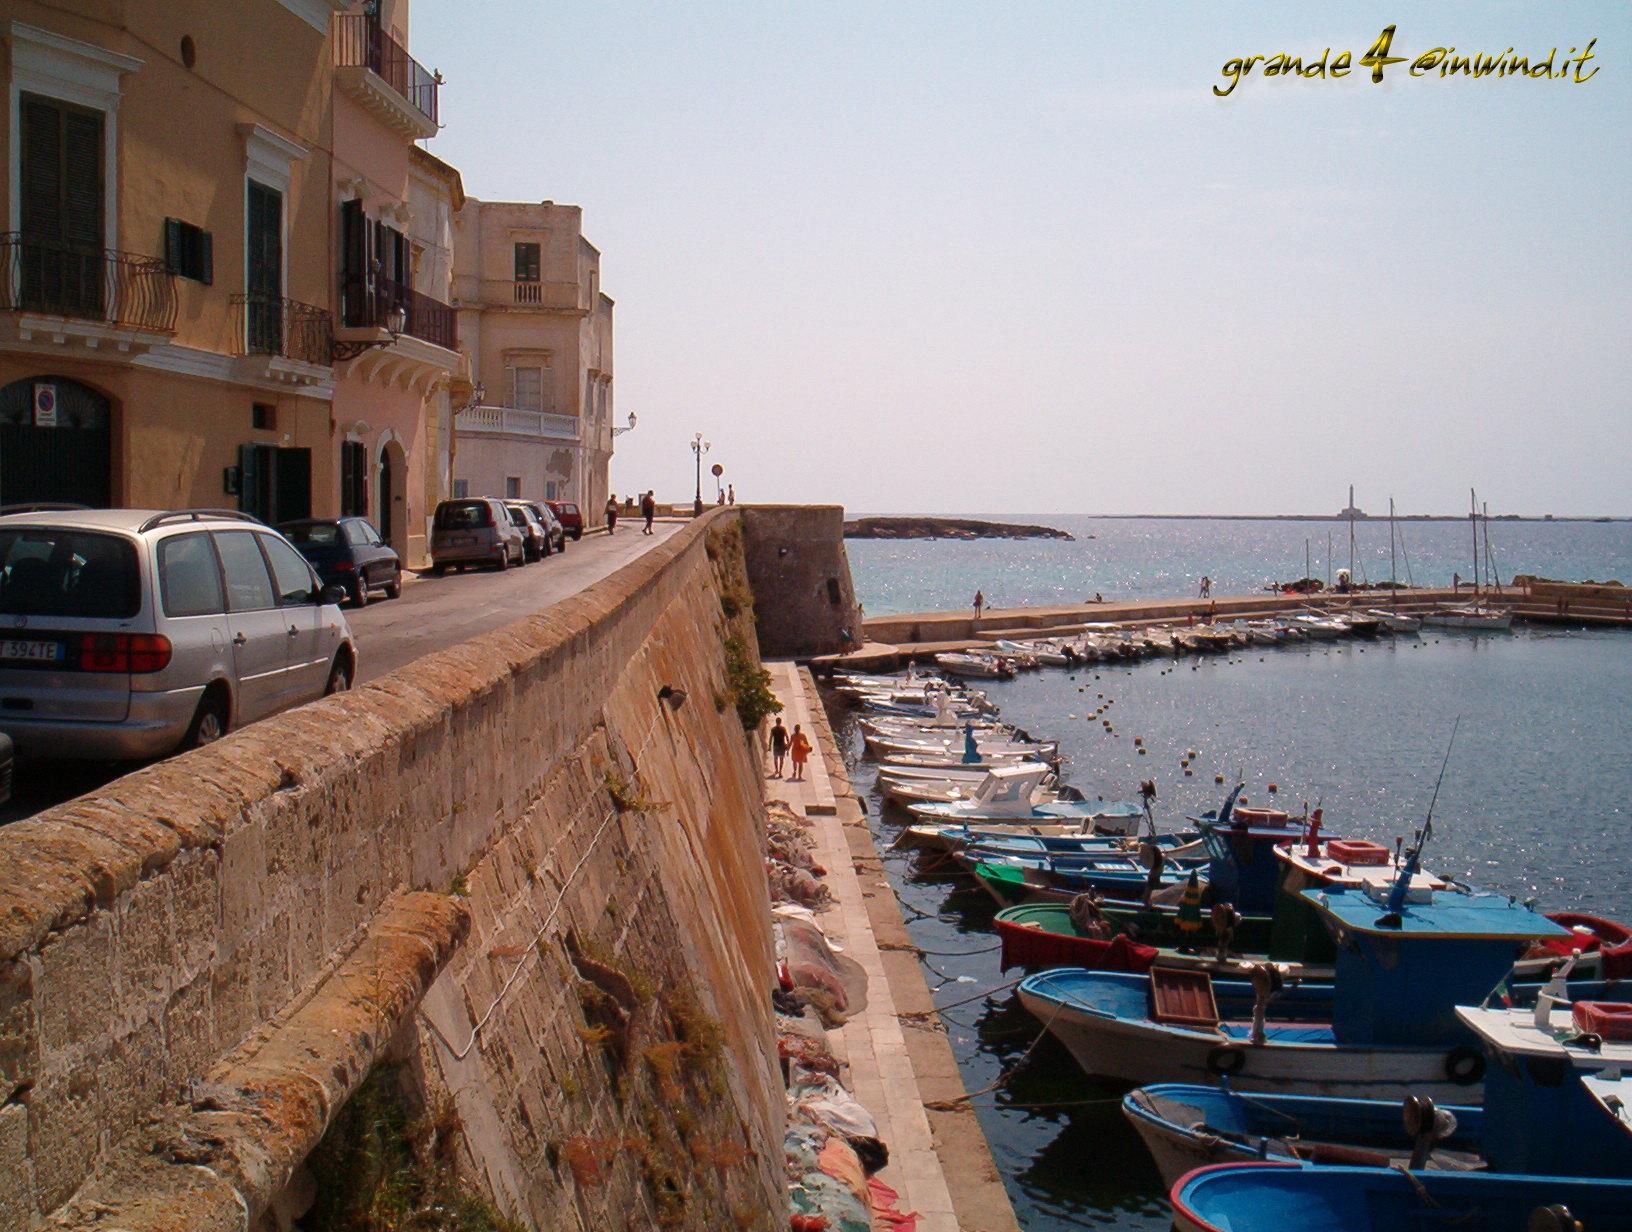 Grande4 gallipoli in foto foto wallpaper sfondi immagini gratis free lecce italy - Aran cucine porto san giorgio ...